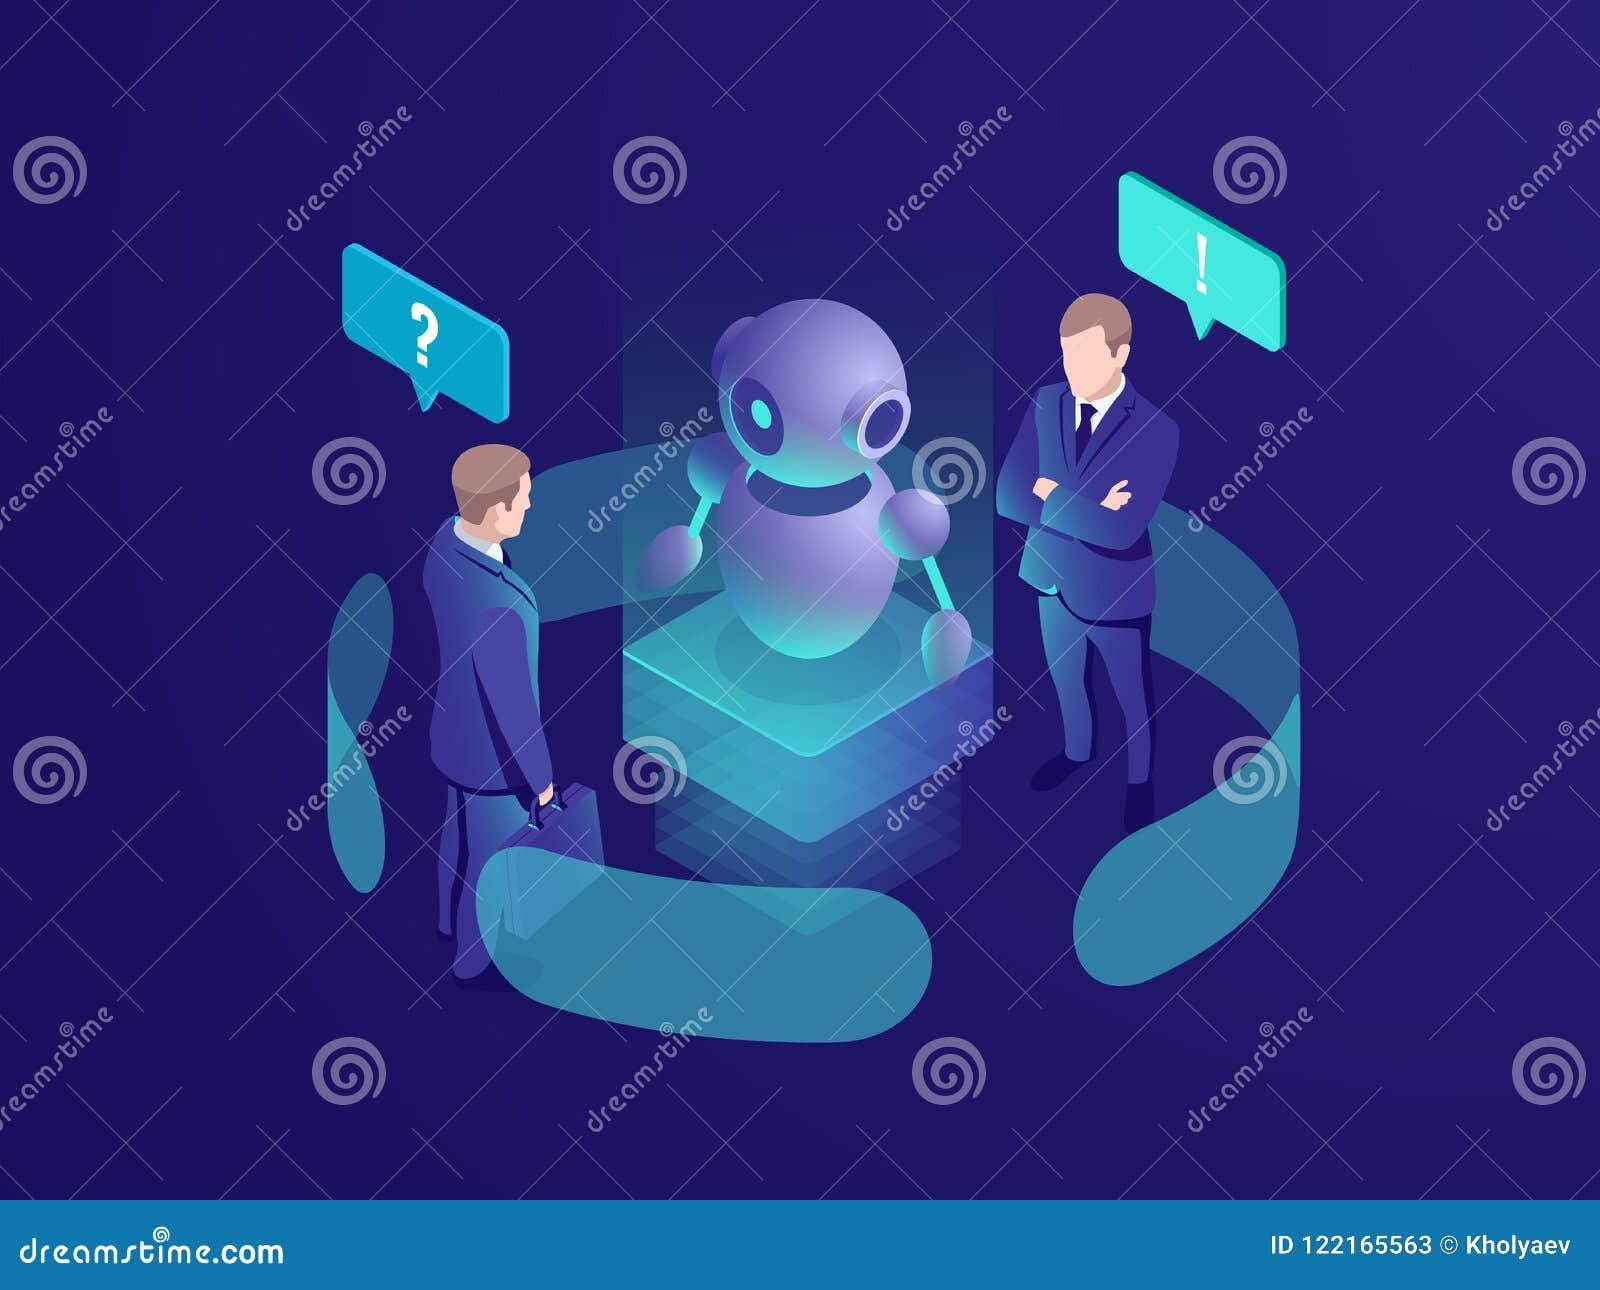 人工智能ai机器人给推荐,人从chatbot,商务咨询得到自动回应